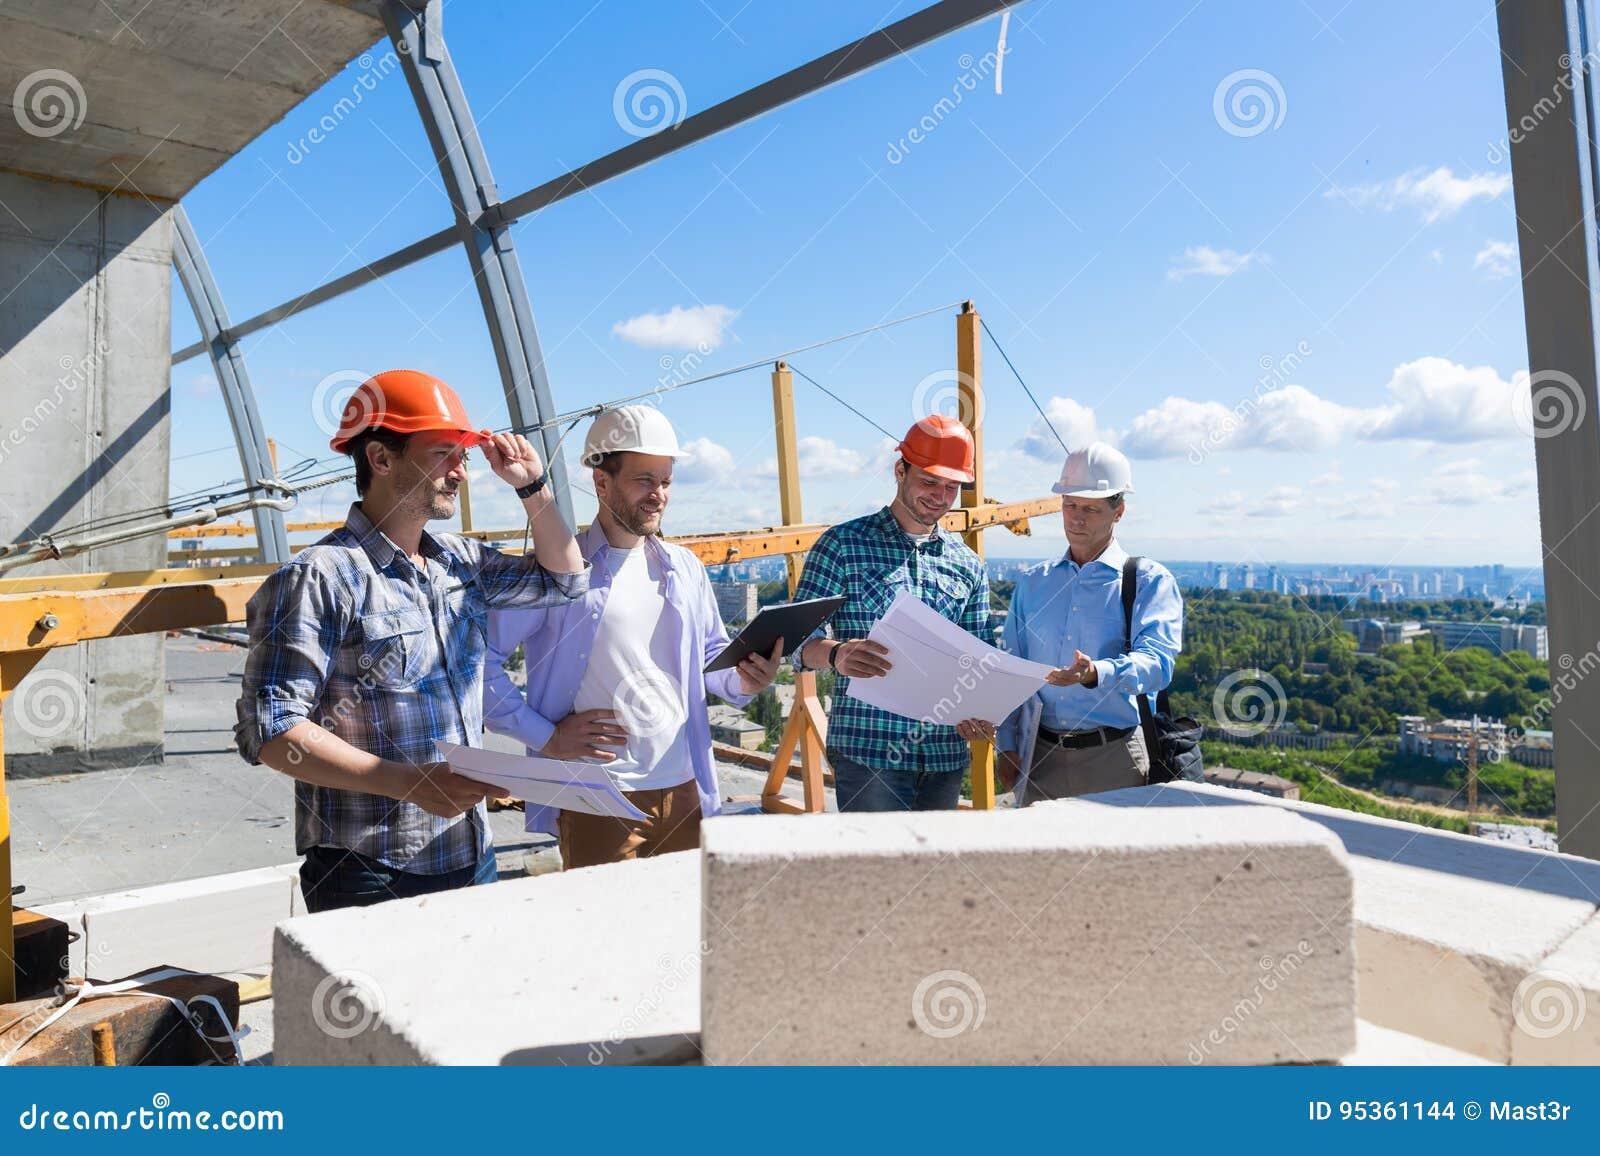 小组在建造场所遇见承包商回顾项目计划的学徒大厦队的建造者